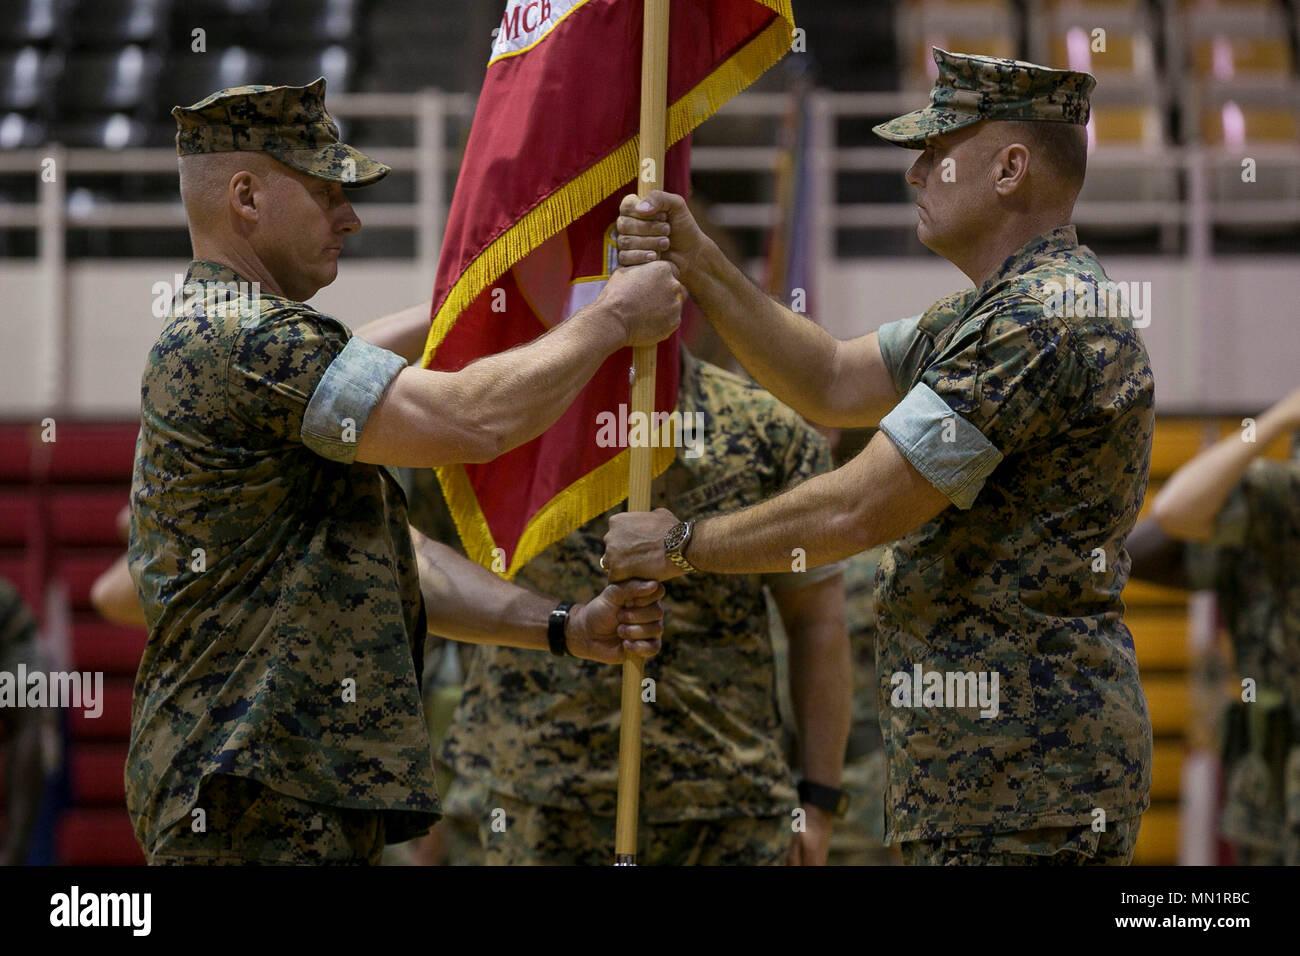 Dorable Habilidades De Reanudar La Infantería Modelo - Colección De ...